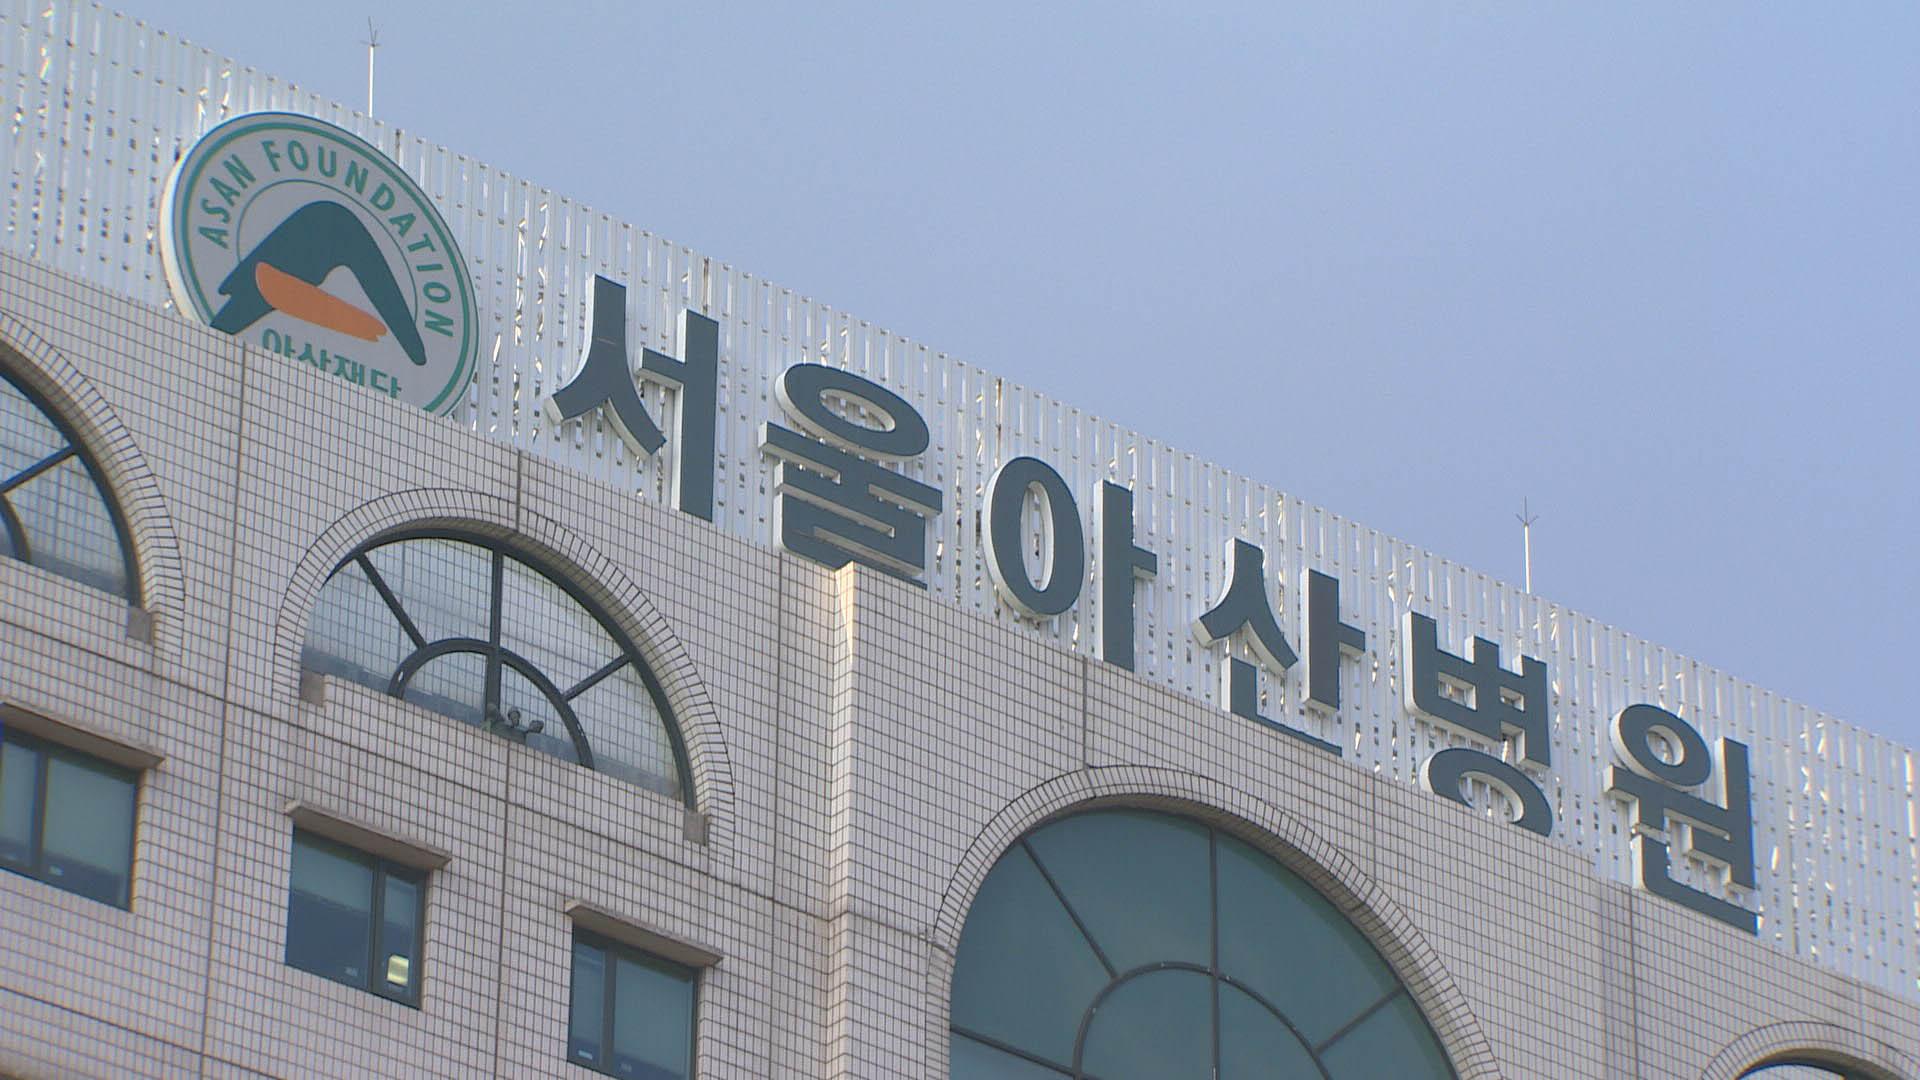 코로나 확진자 방문 서울아산병원, 폐쇄시설 운영재개